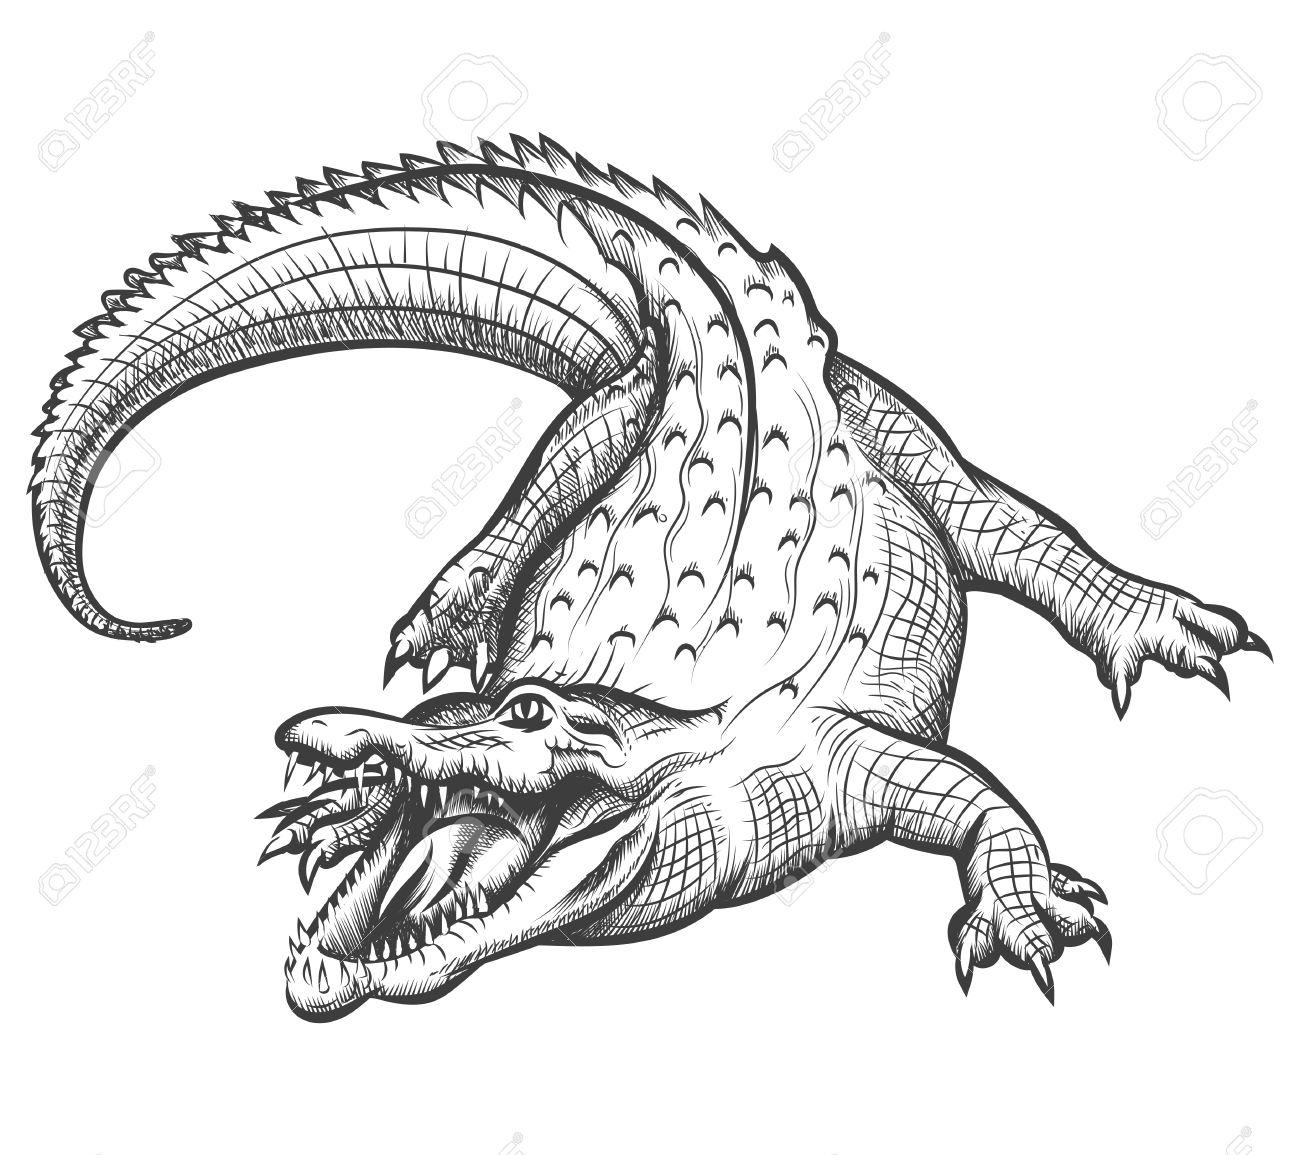 1300x1155 Drawn Alligator Reptile